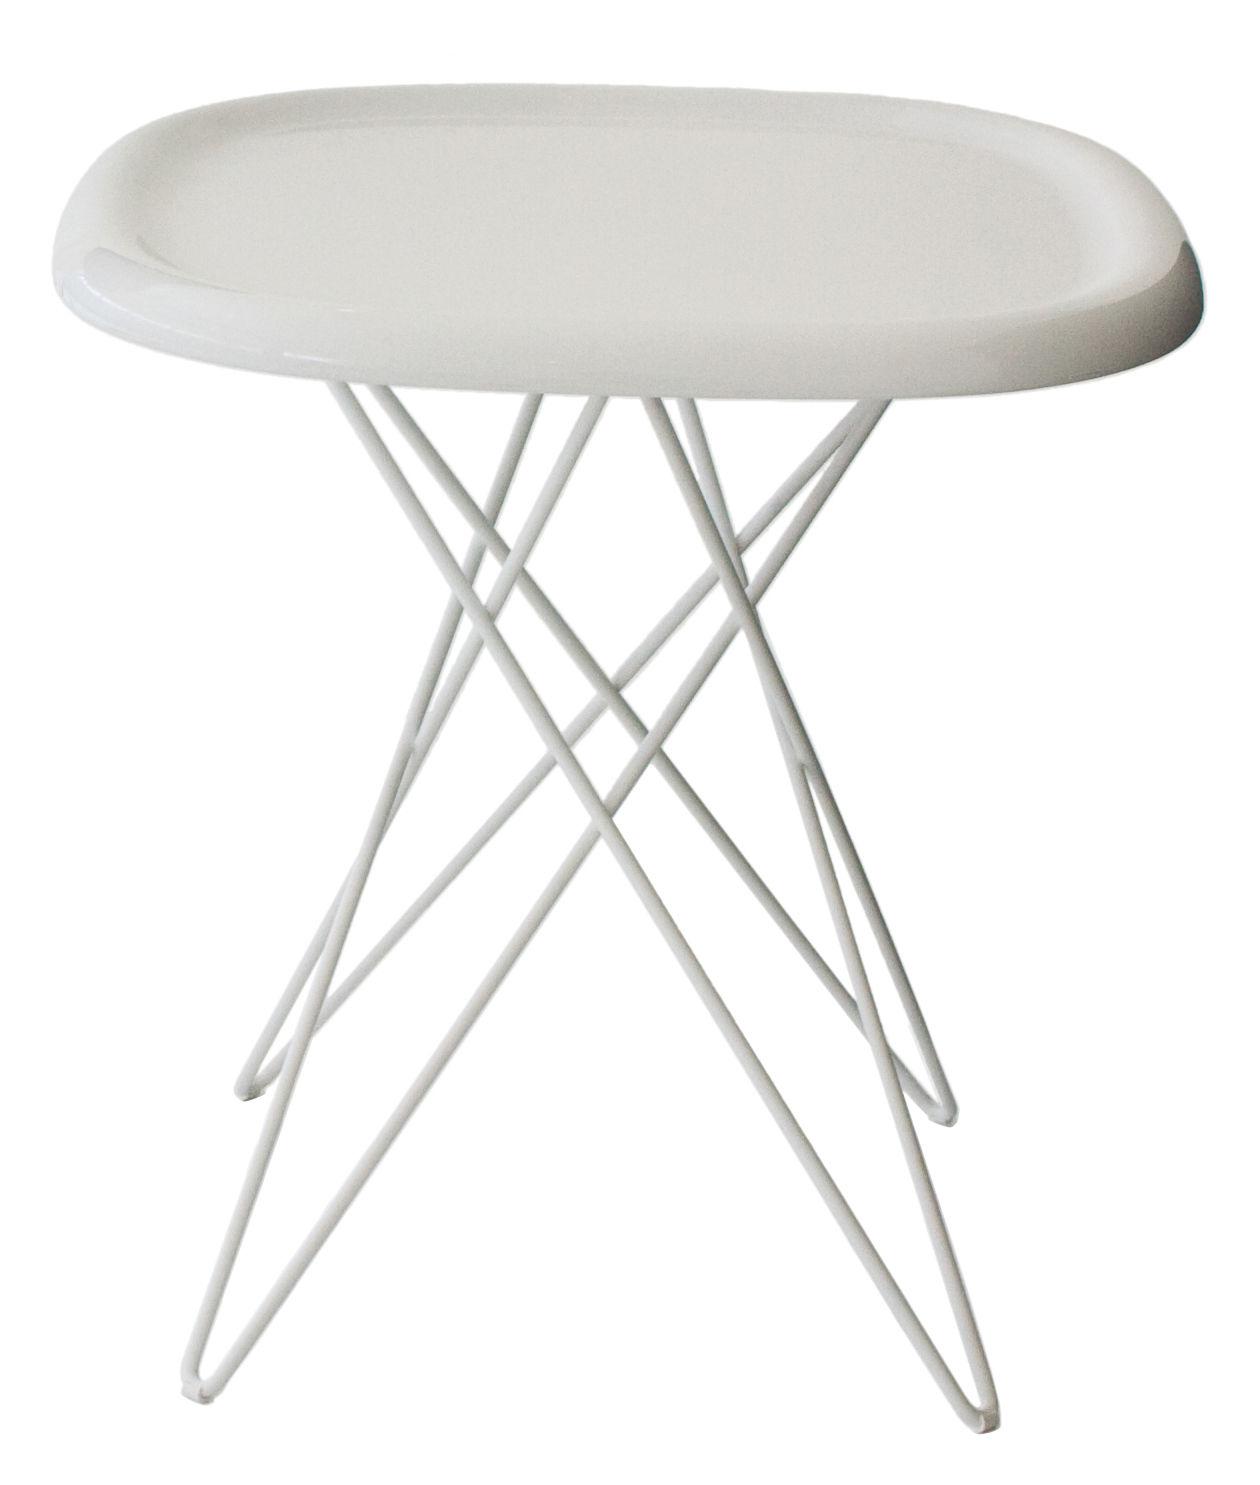 Möbel - Pizza Beistelltisch H 46 cm - Magis - H 46 cm - weiß - ABS, gefirnister Stahl